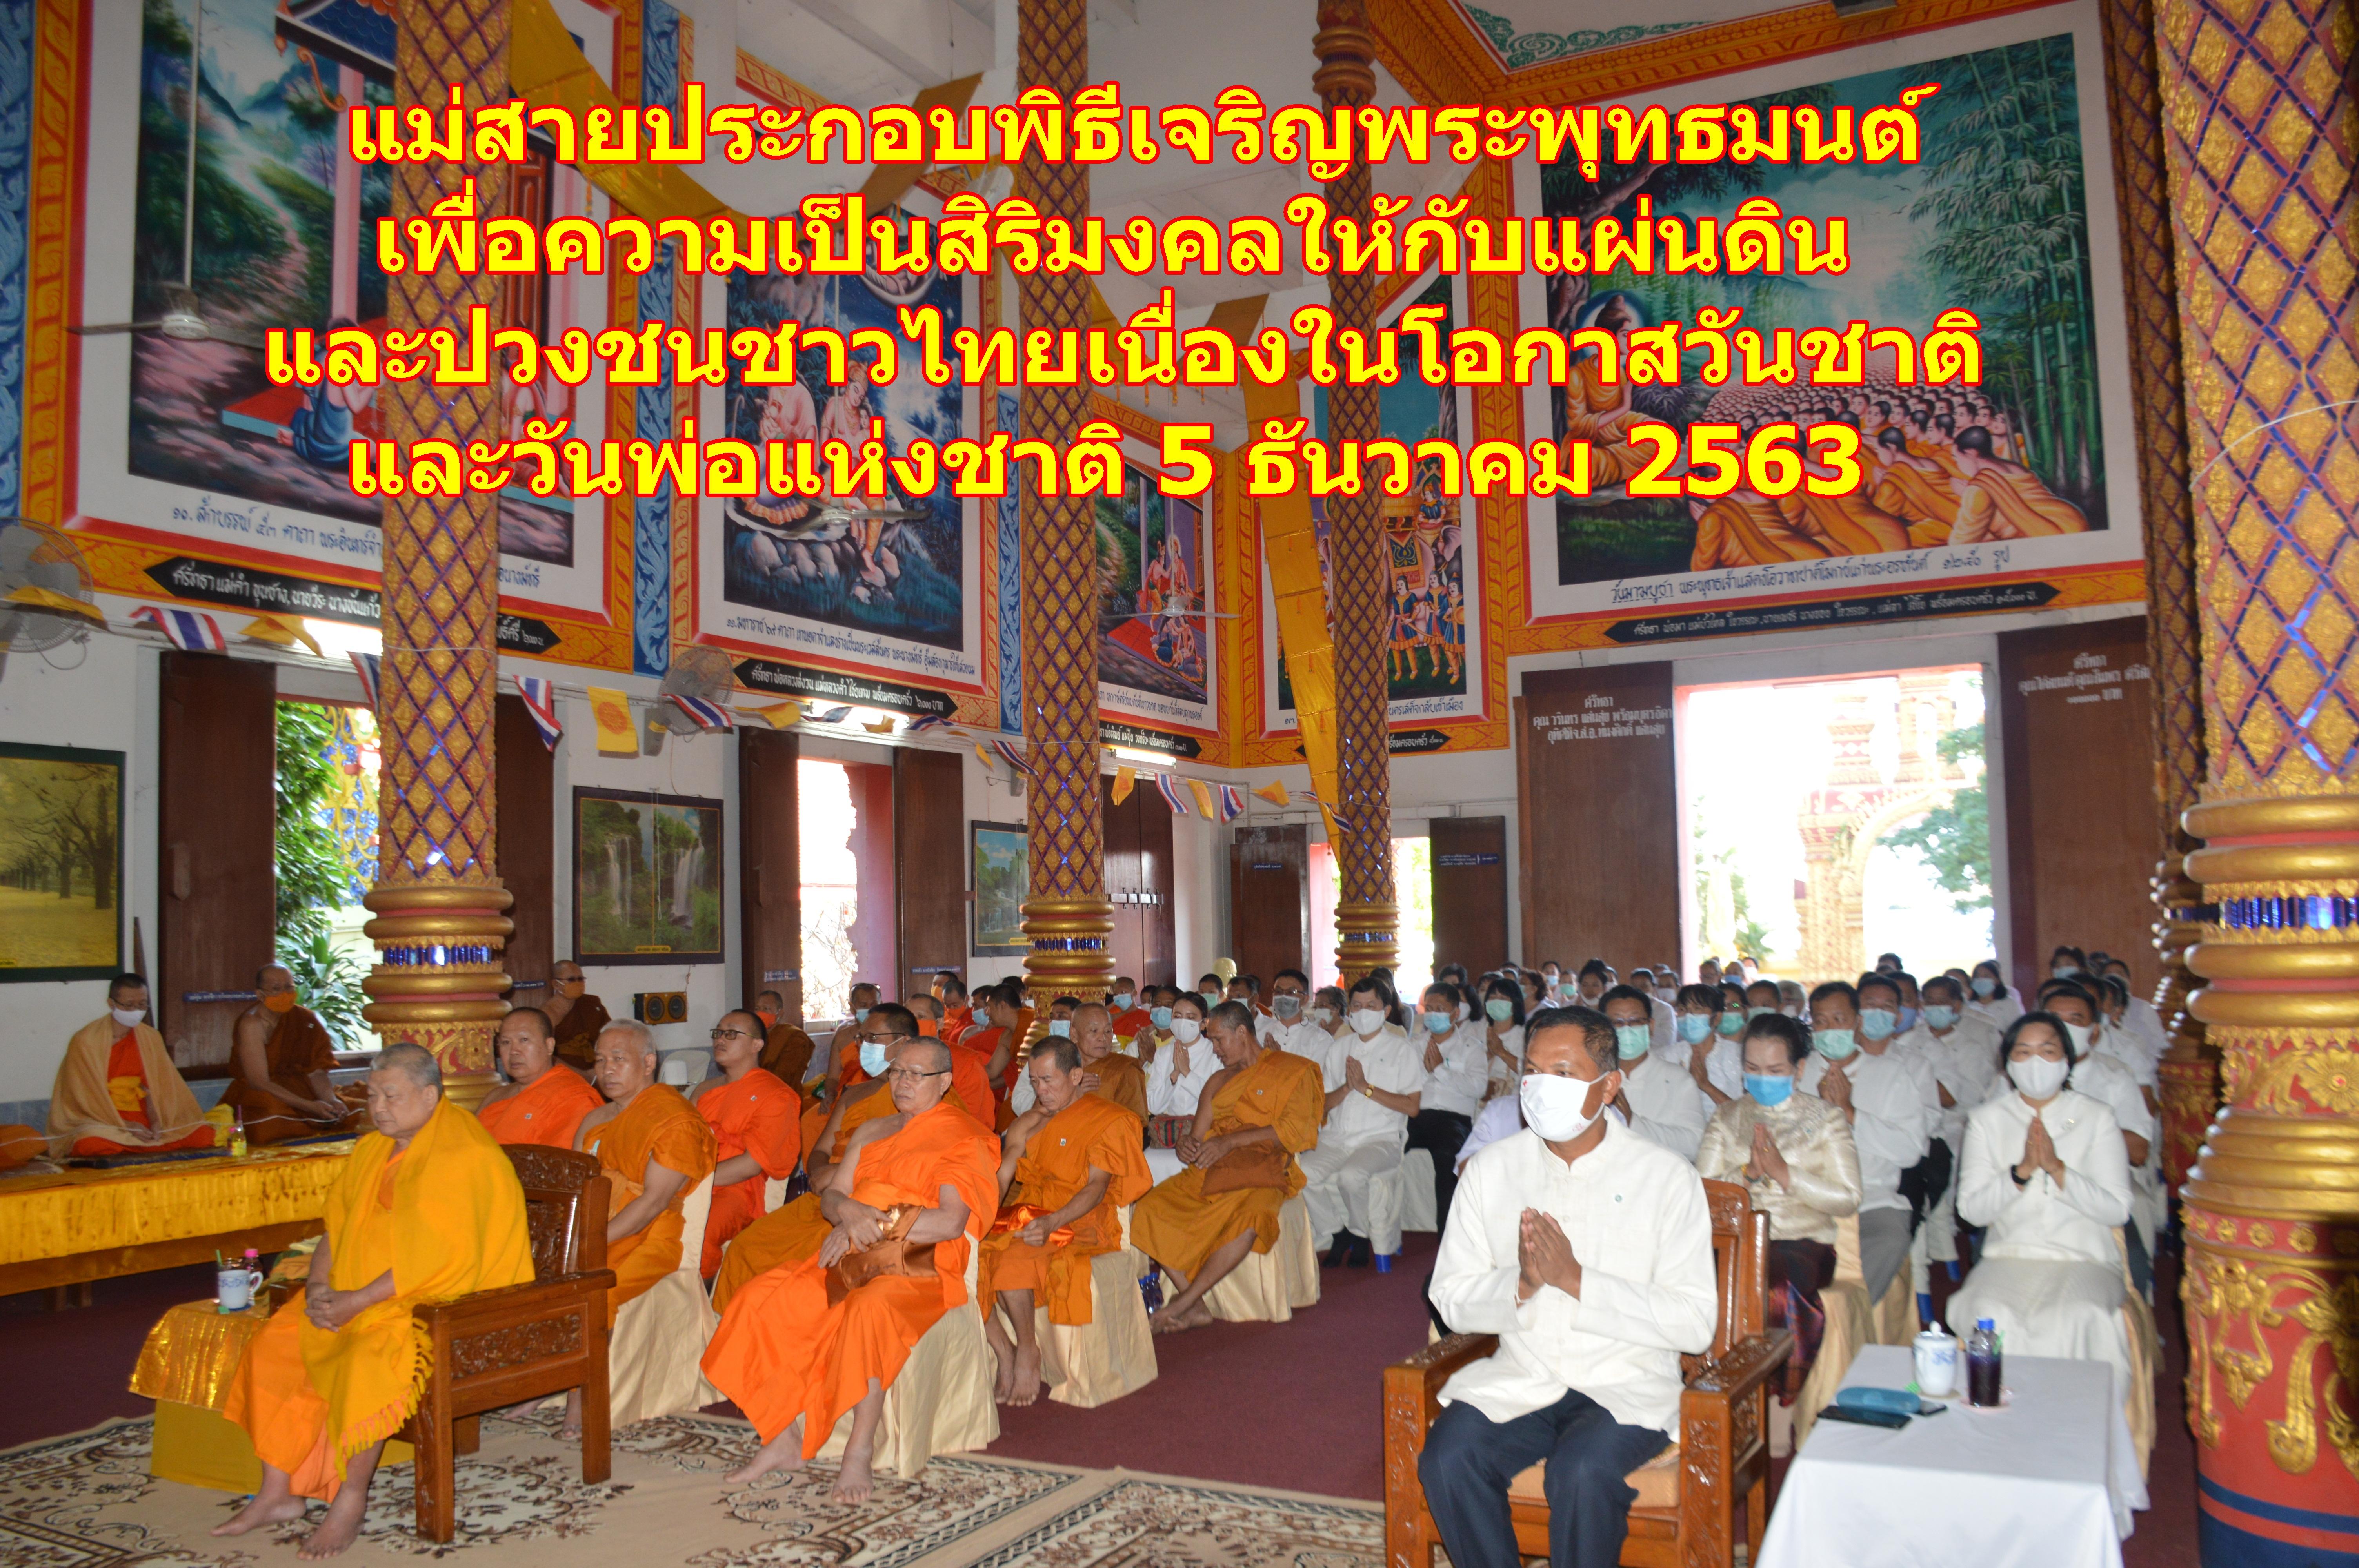 (คลิป) แม่สายประกอบพิธีเจริญพระพุทธมนต์ เพื่อความเป็นสิริมงคล ให้กับแผ่นดินและปวงชนชาวไทย เนื่องในโอกาสวันชาติ และวันพ่อแห่งชาติ 5 ธันวาคม 2563